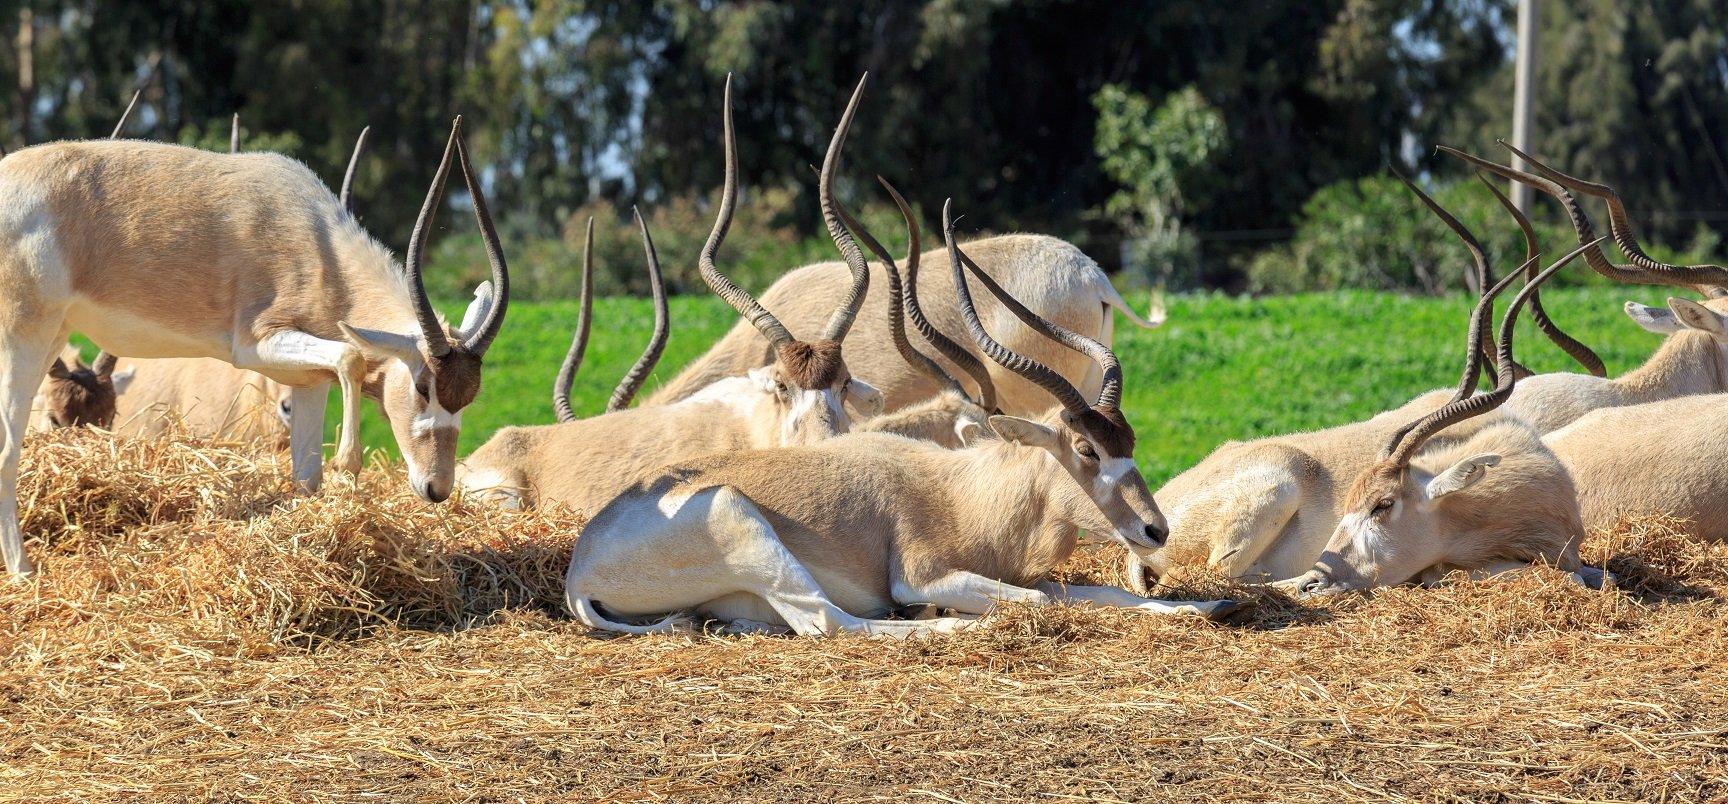 Mendesantilope